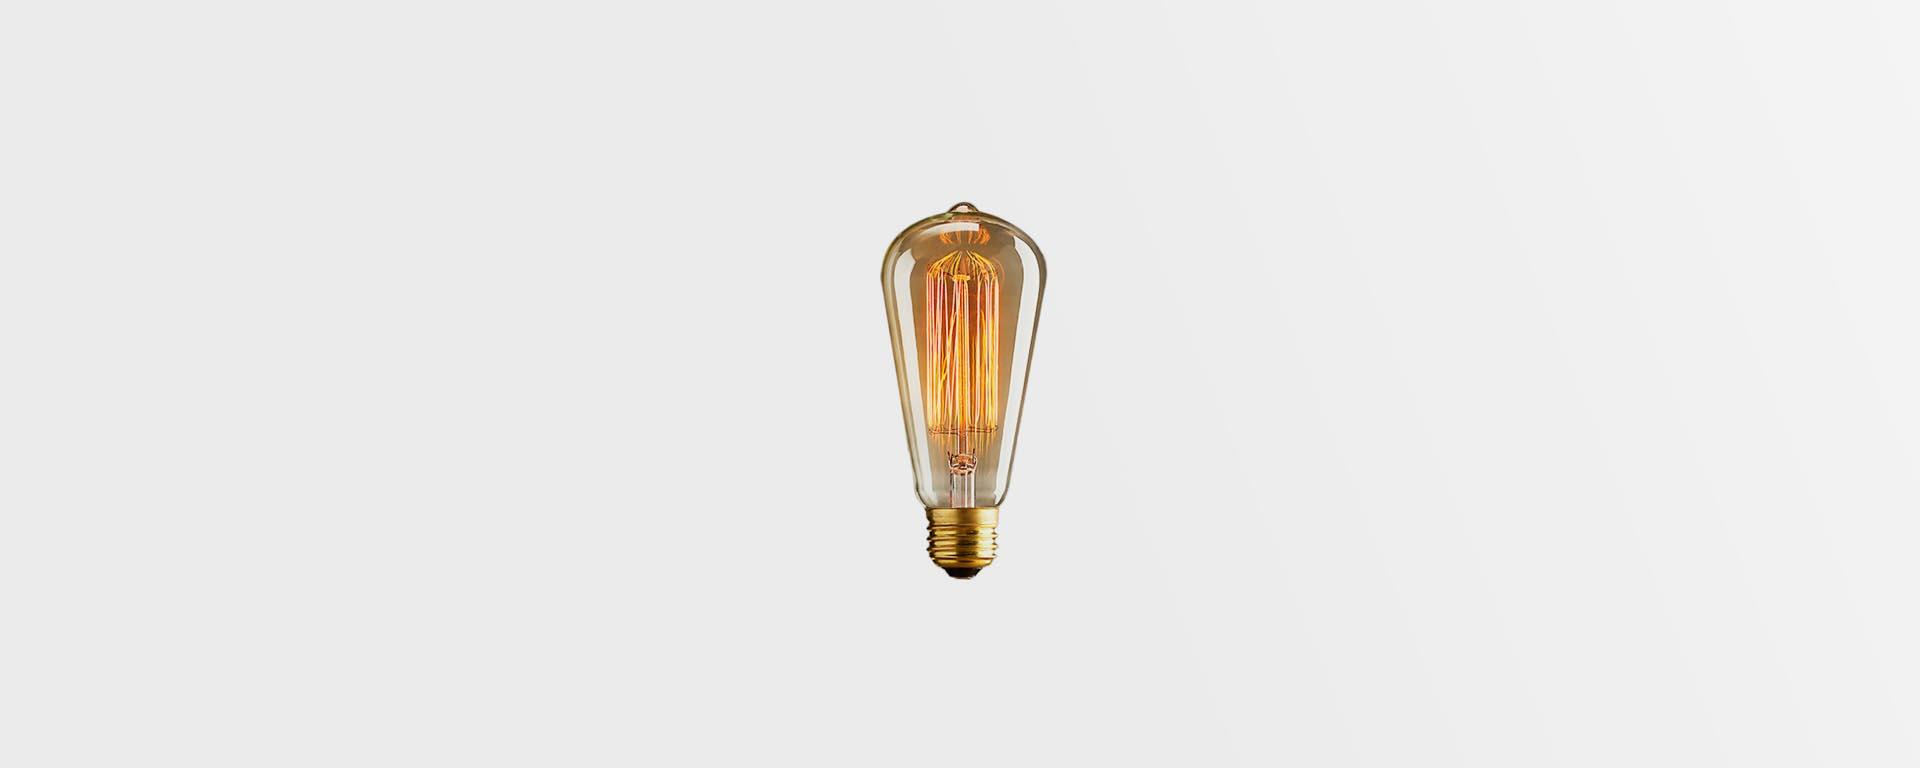 Винтажная лампочка